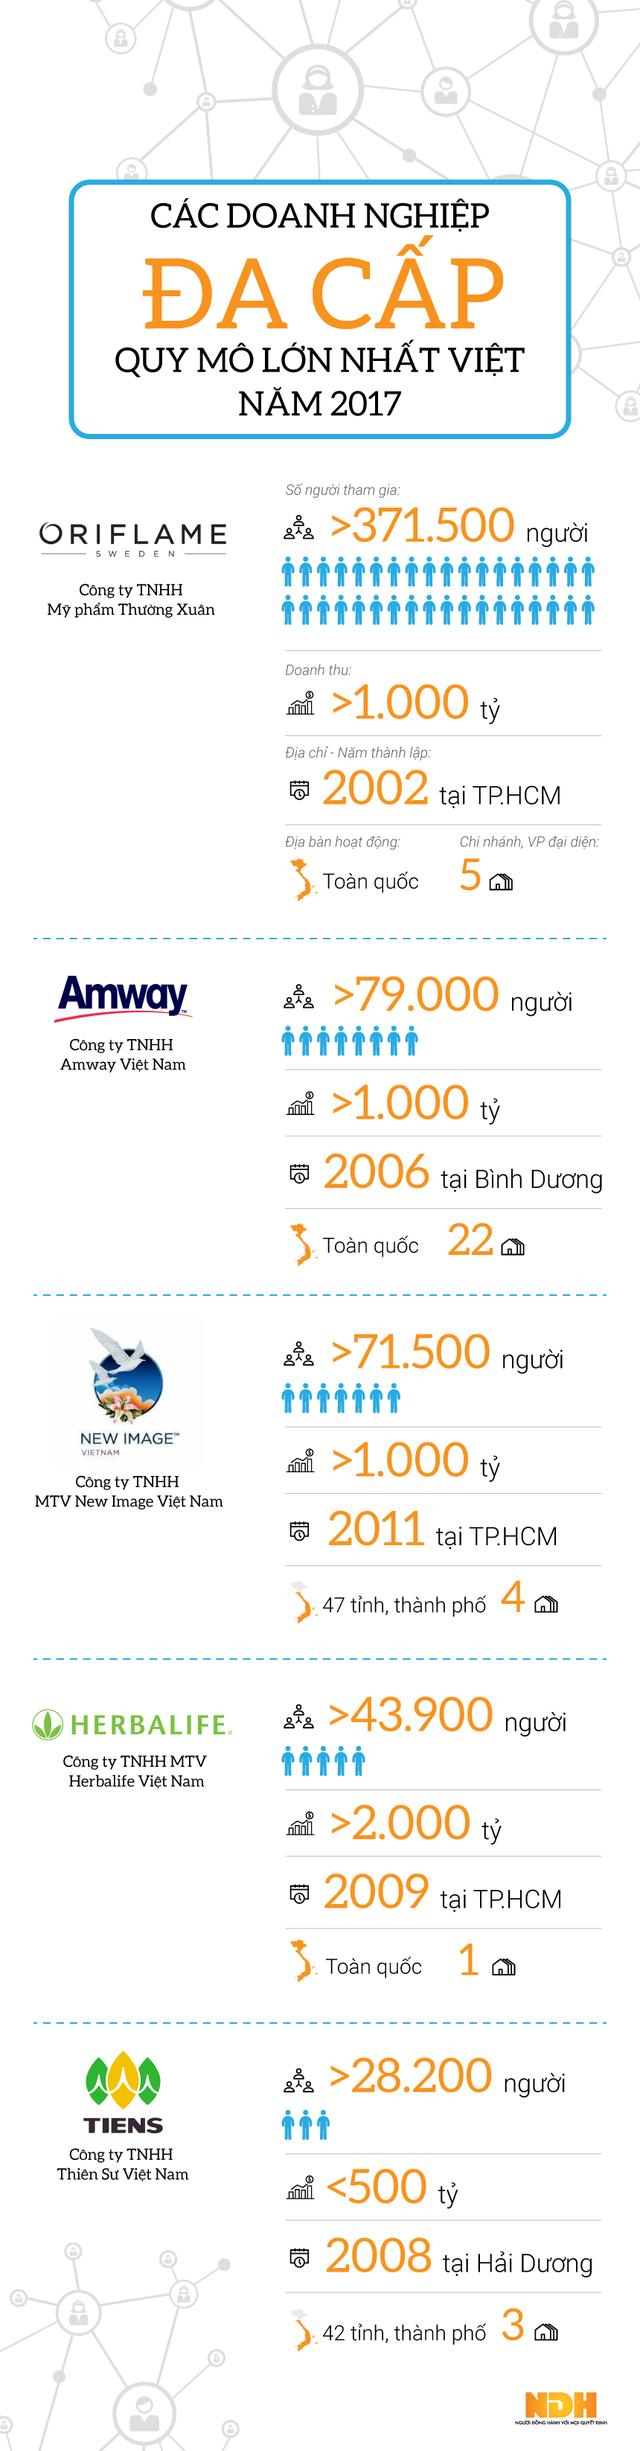 Infographic: Công ty đa cấp nào lớn nhất Việt Nam 2017 - Ảnh 1.